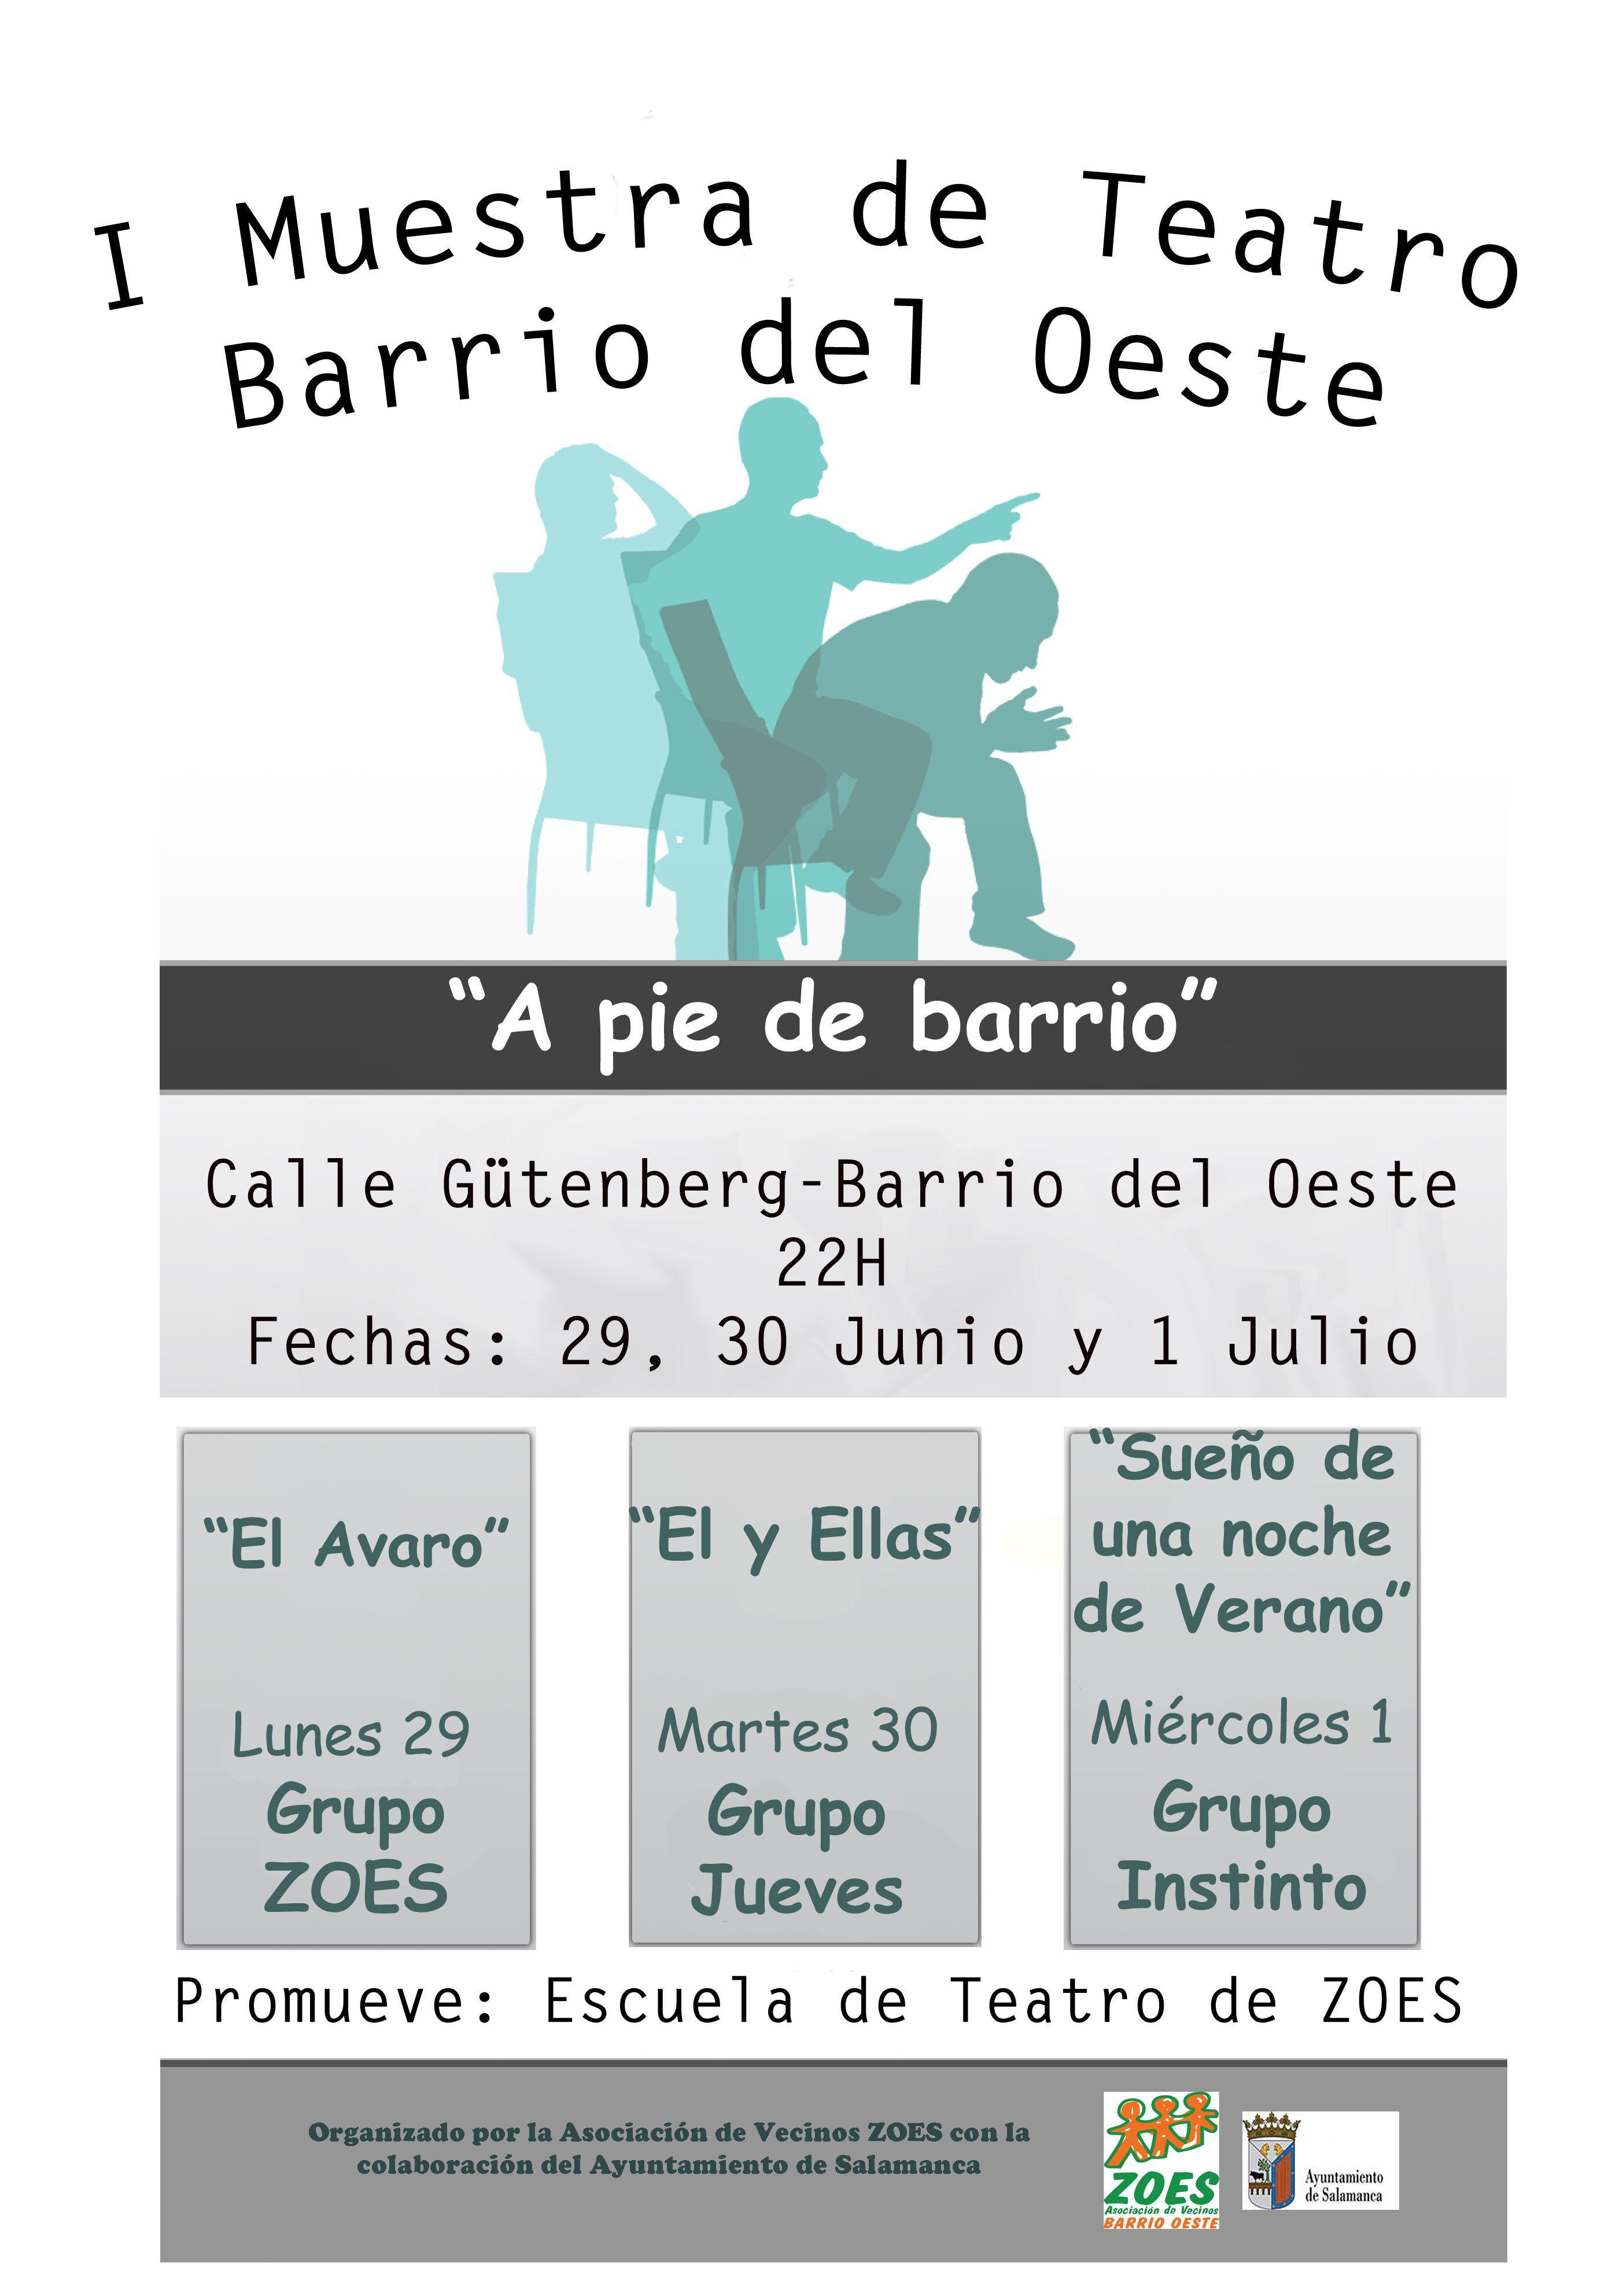 I Muestra de Teatro Barrio del Oeste